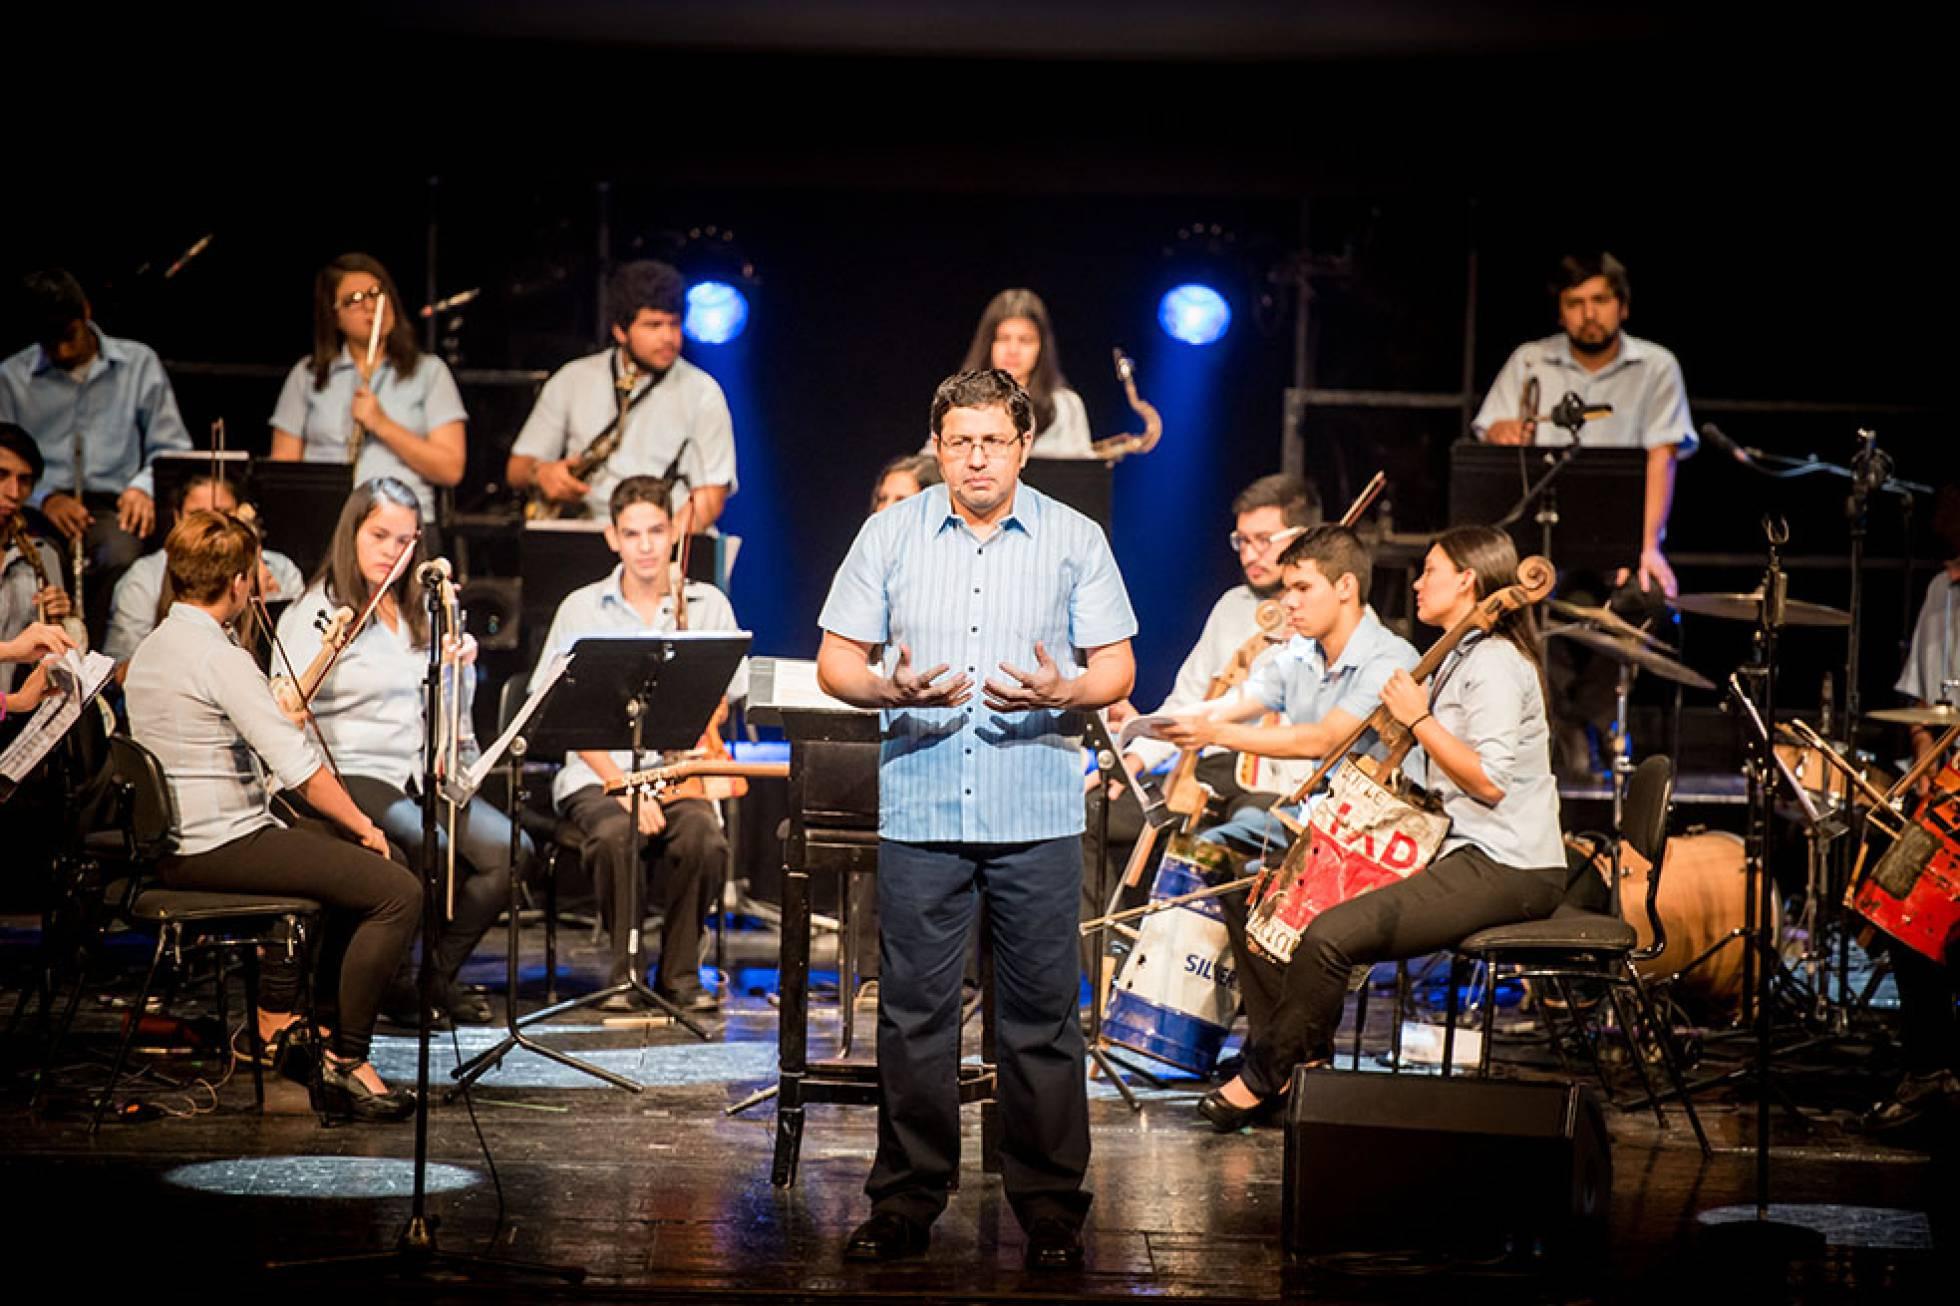 Мусор превращается в музыку или концерт с участием инструментов из переработанных материалов